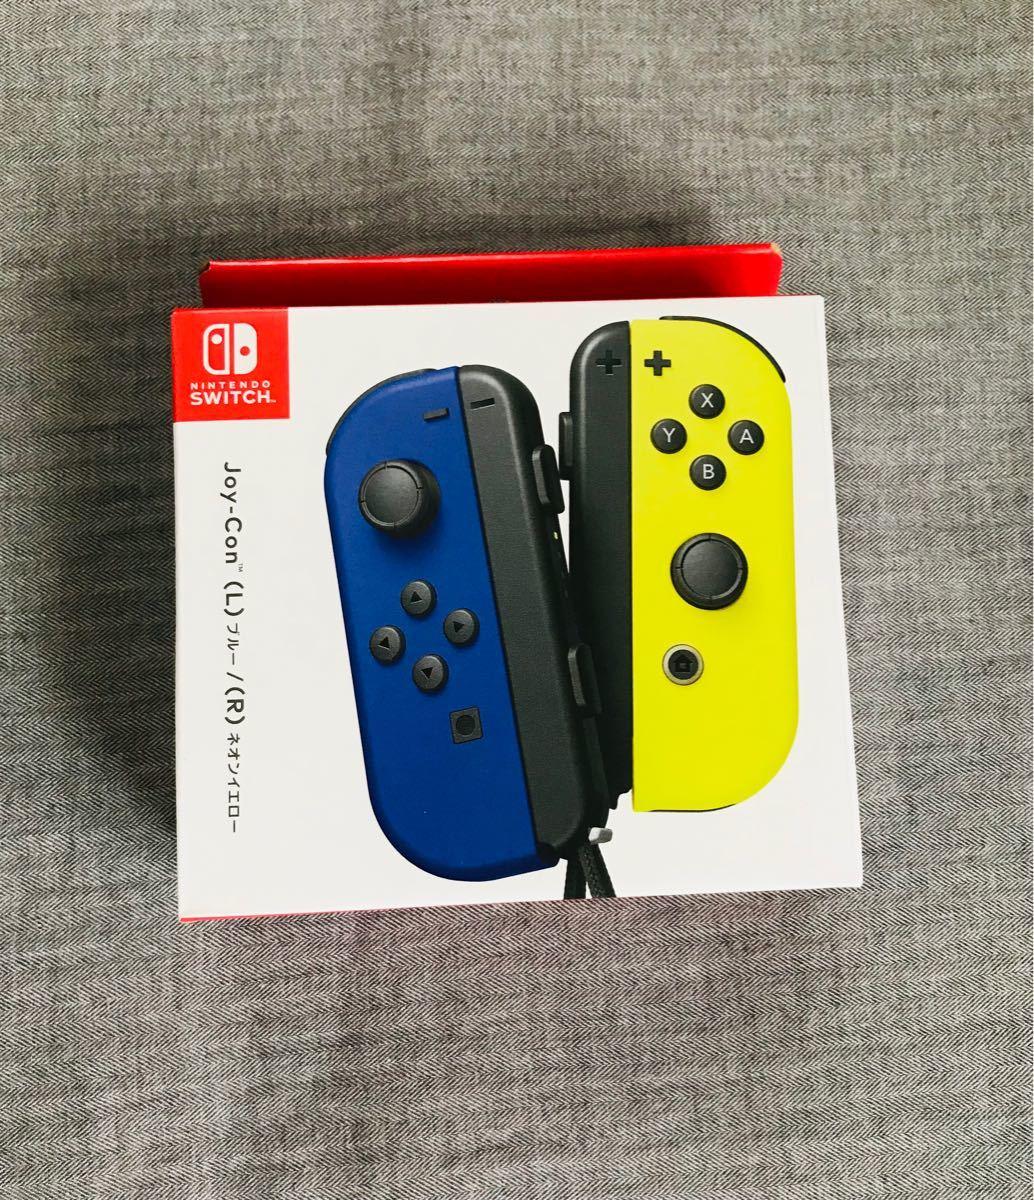 新品未使用品 Nintendo Joy-Con ブルー/ネオンイエロー ジョイコン 正規品 Nintendo Switch 任天堂